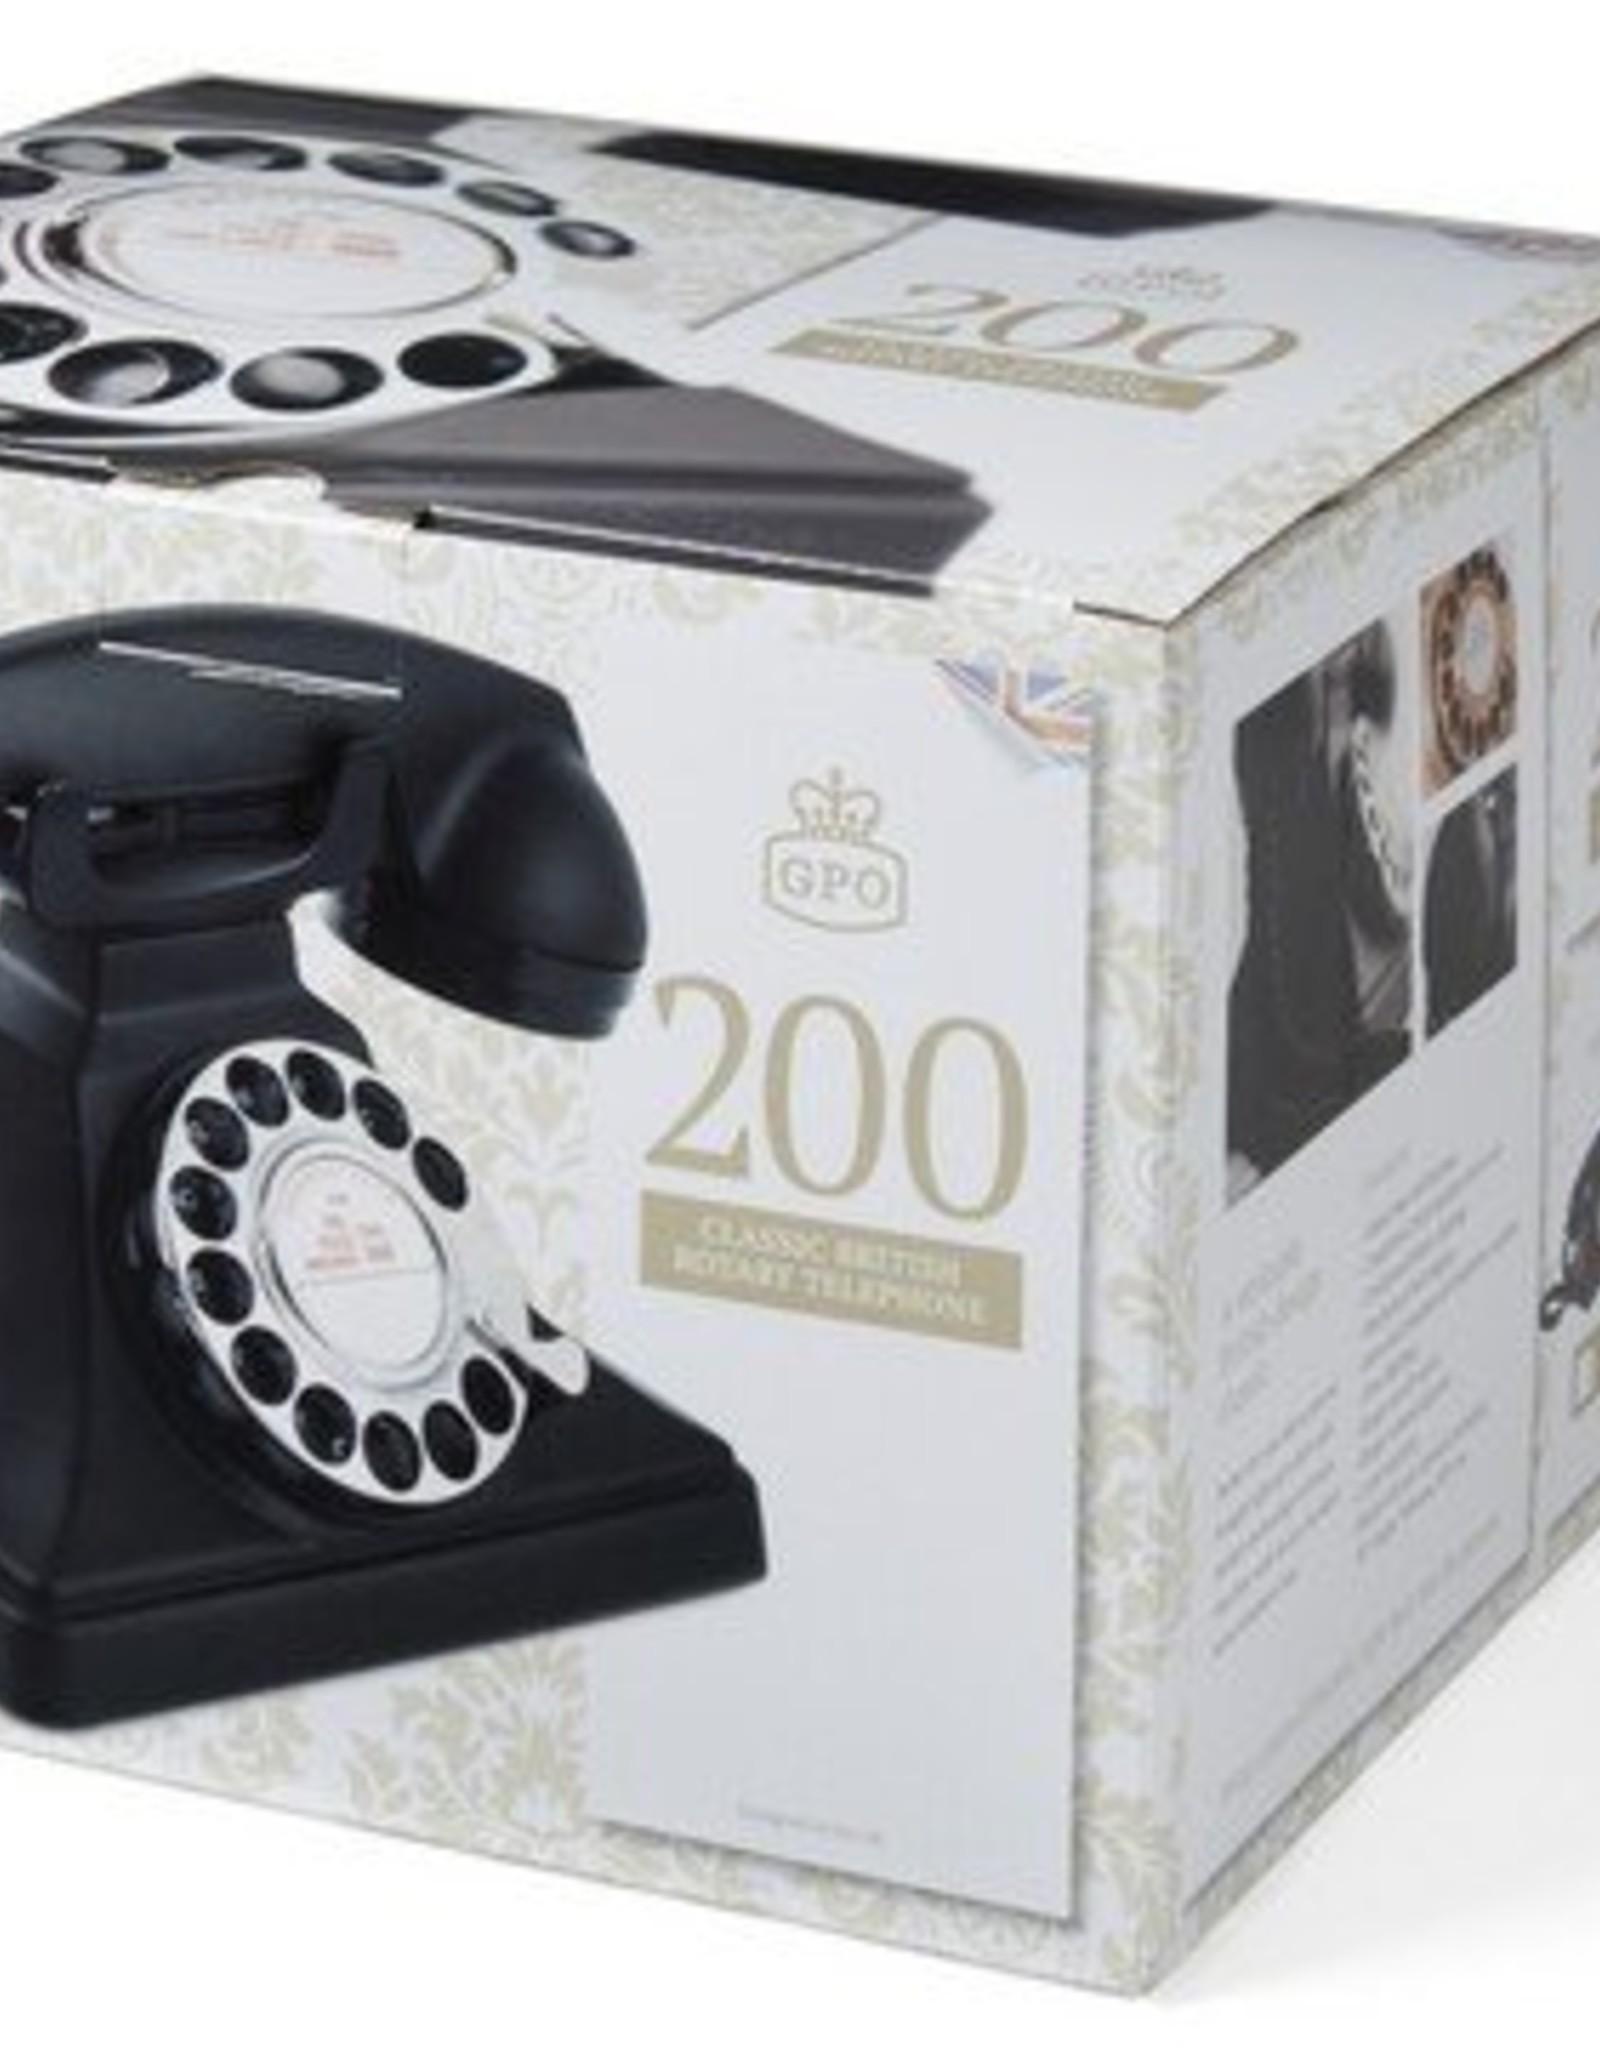 GPO GPO Telefoon met draaischijf 200 - zwart